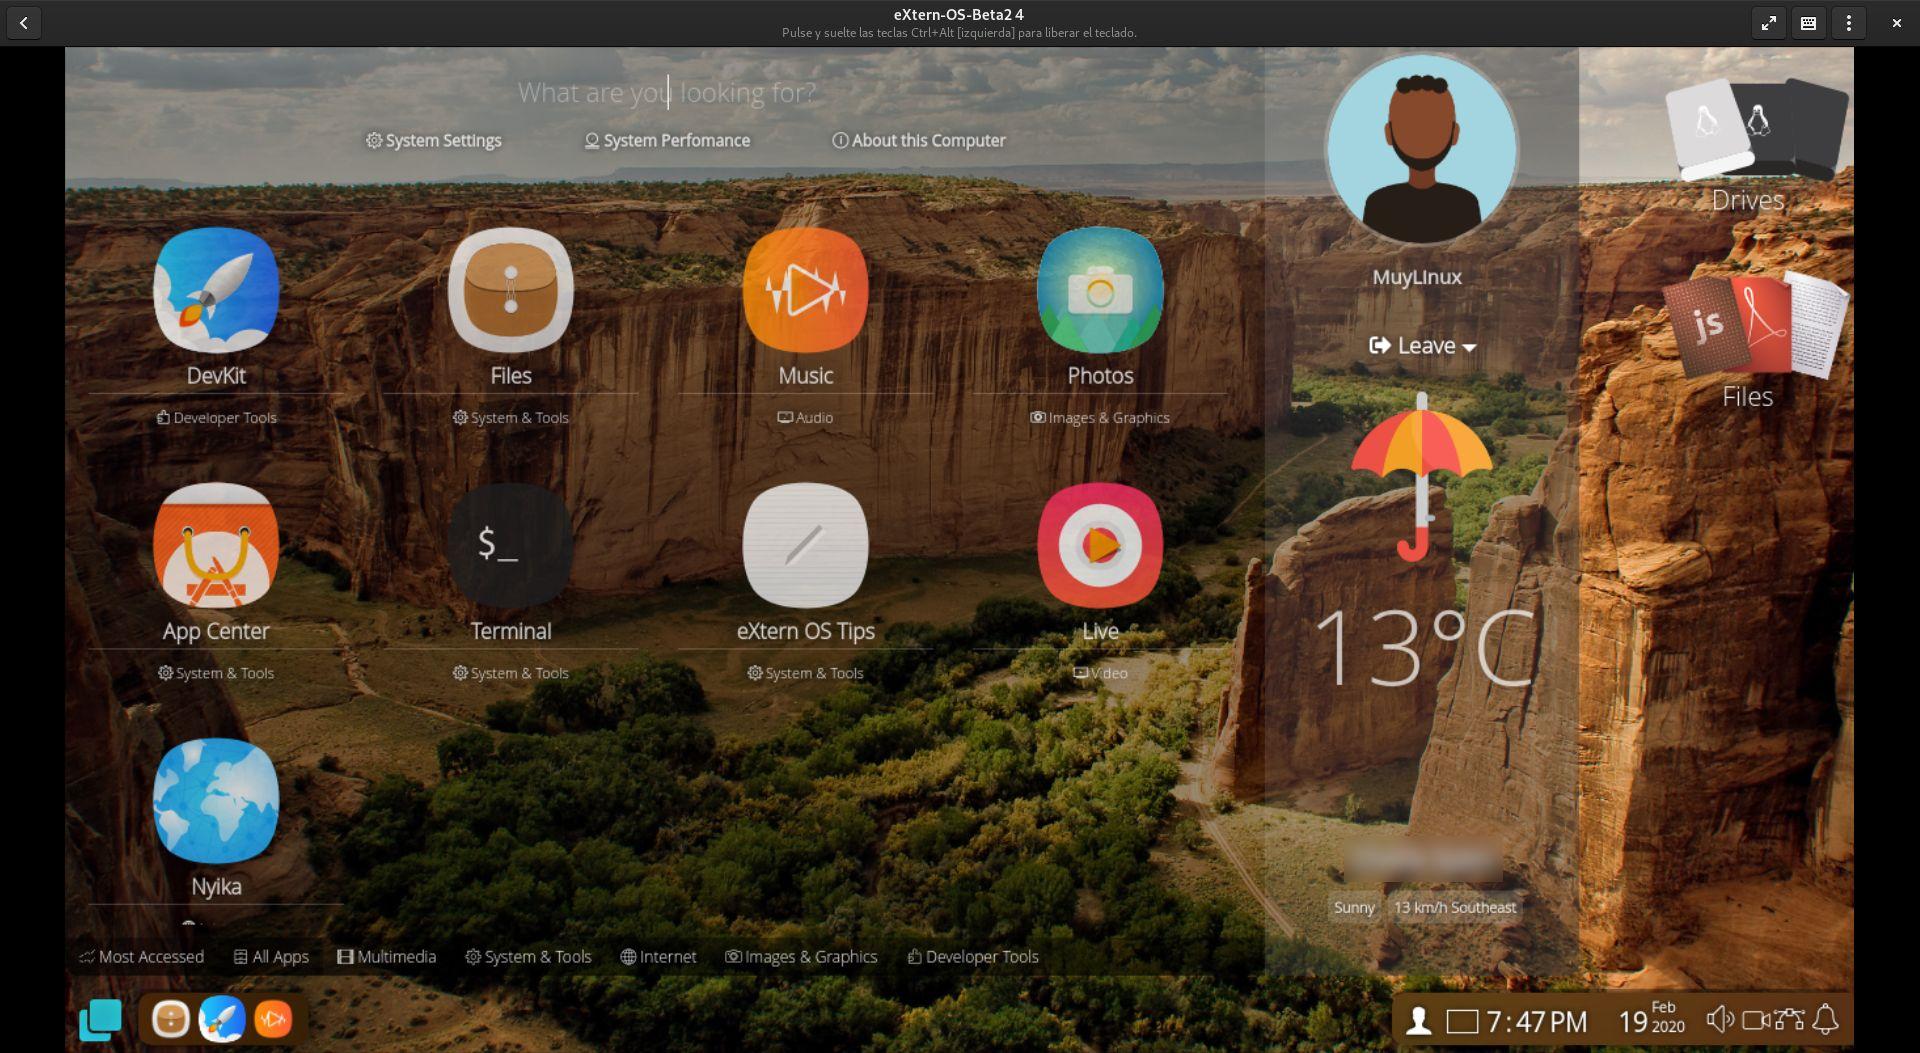 lanzador de aplicaciones de eXtern OS